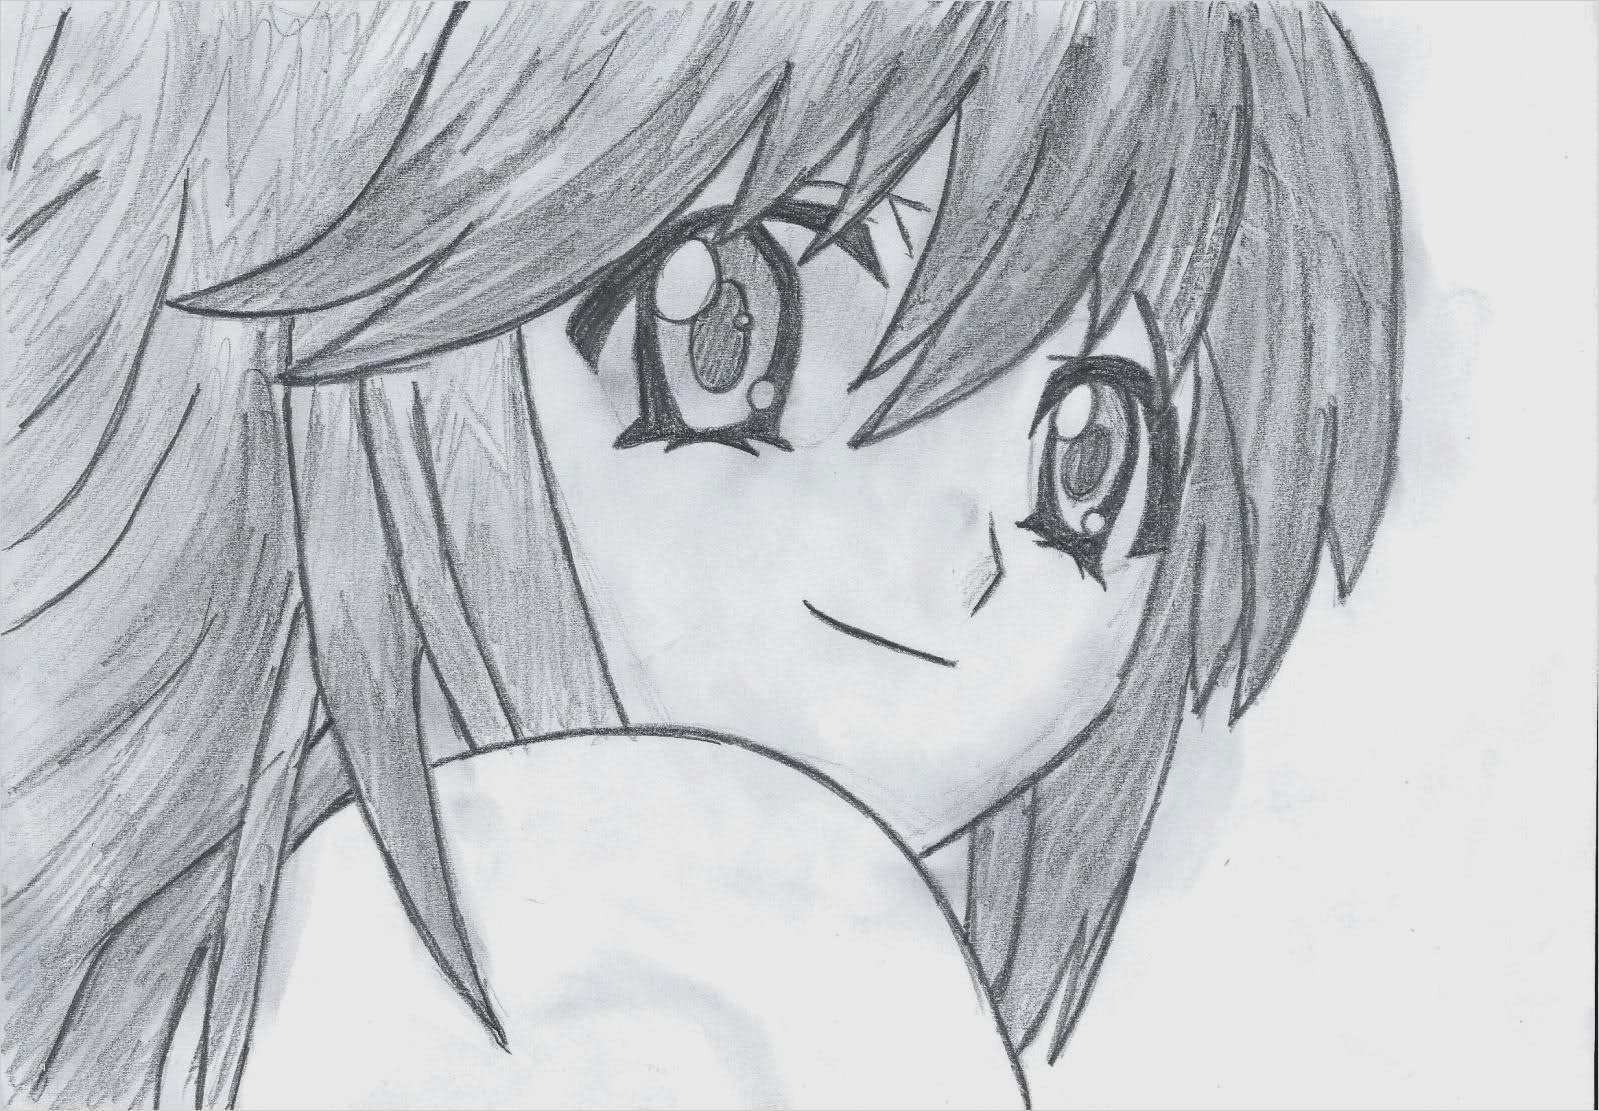 Gut Menschen Zeichnen Vorlagen Anspruchsvoll Solche Können bestimmt für Manga Zeichenvorlagen